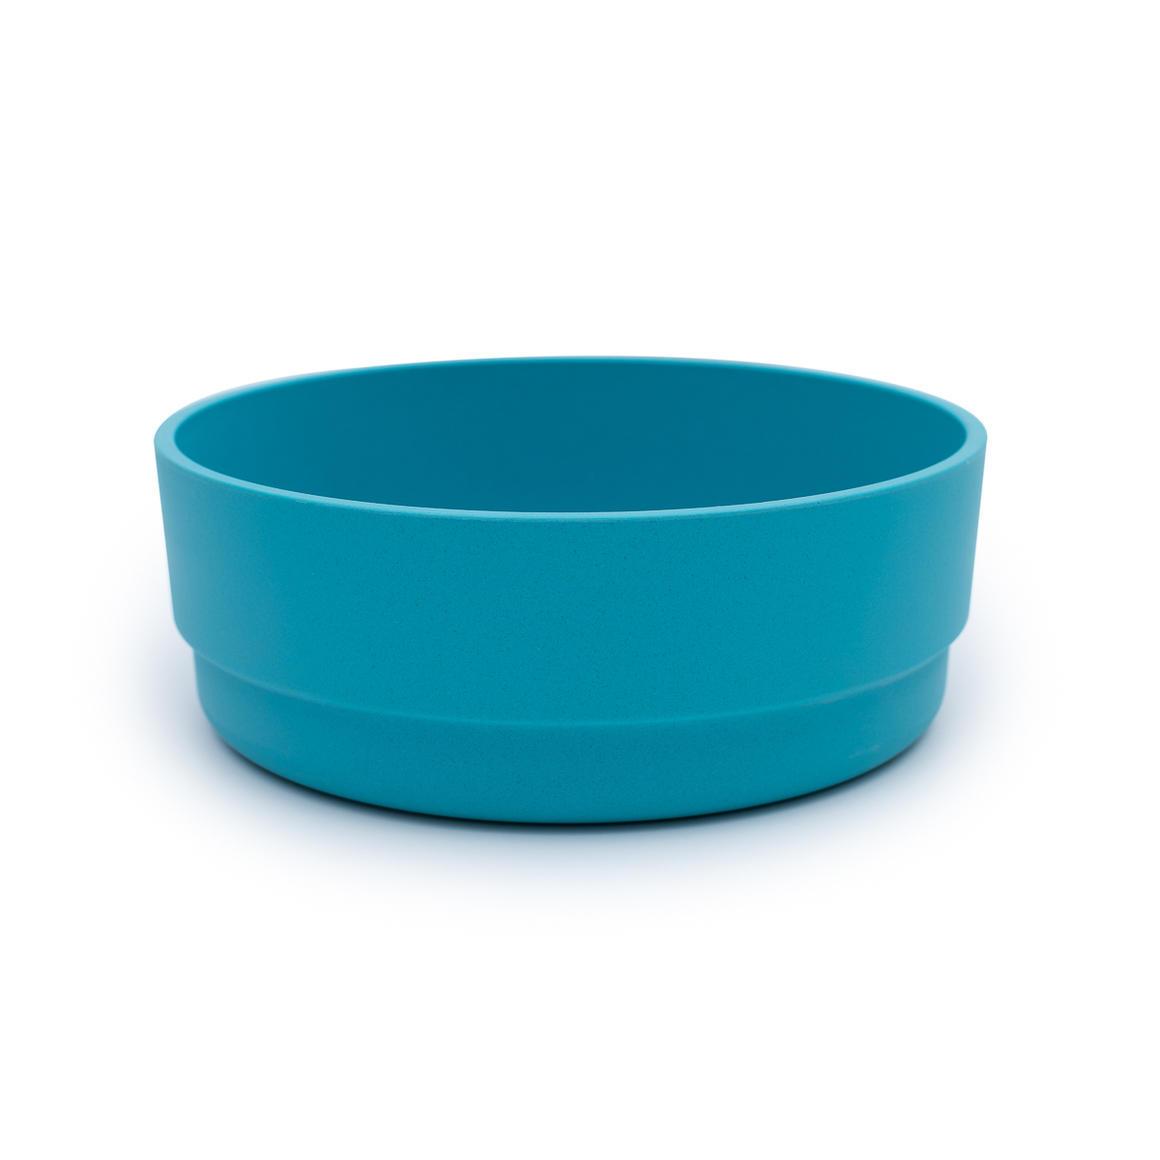 Plant-Based Bowl - Blue   Trada Marketplace